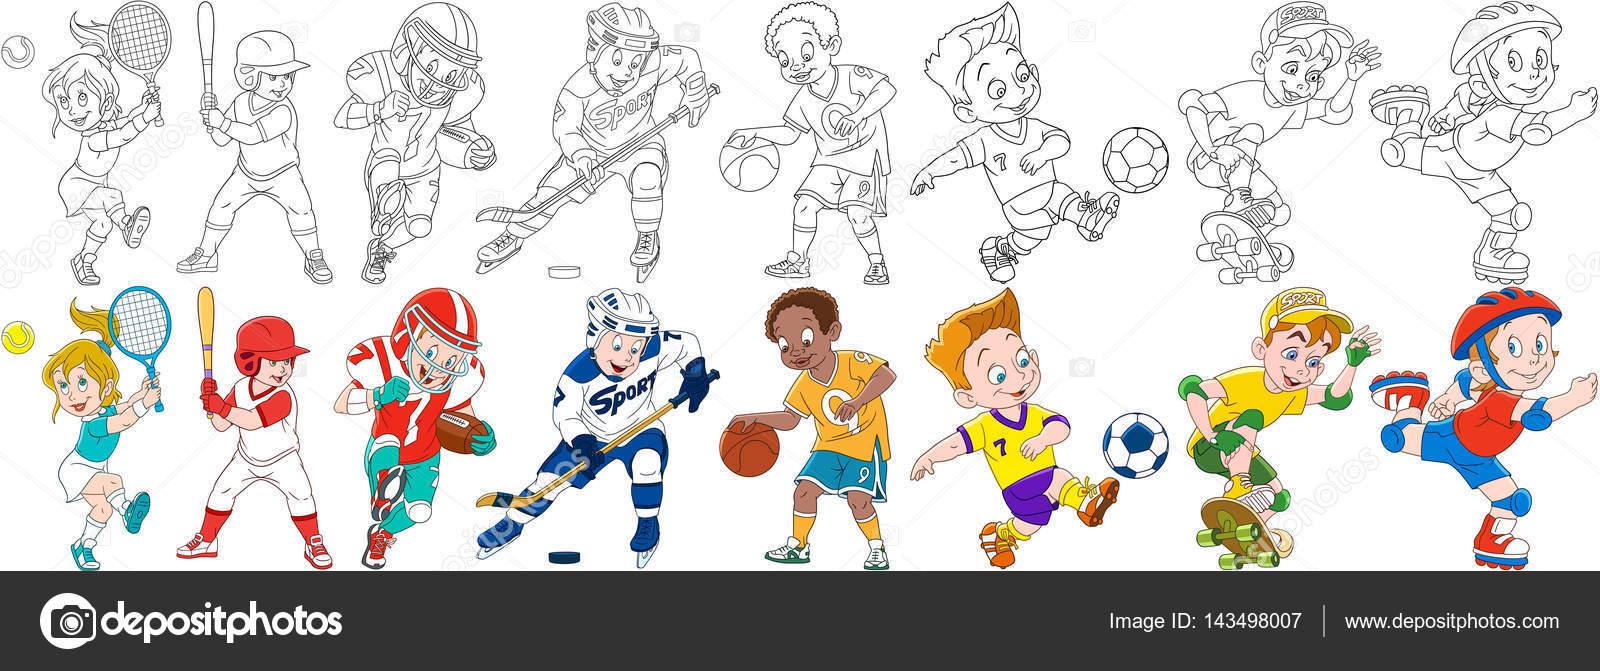 Imágenes: deportivas animados | dibujos animados los niños deportivo ...